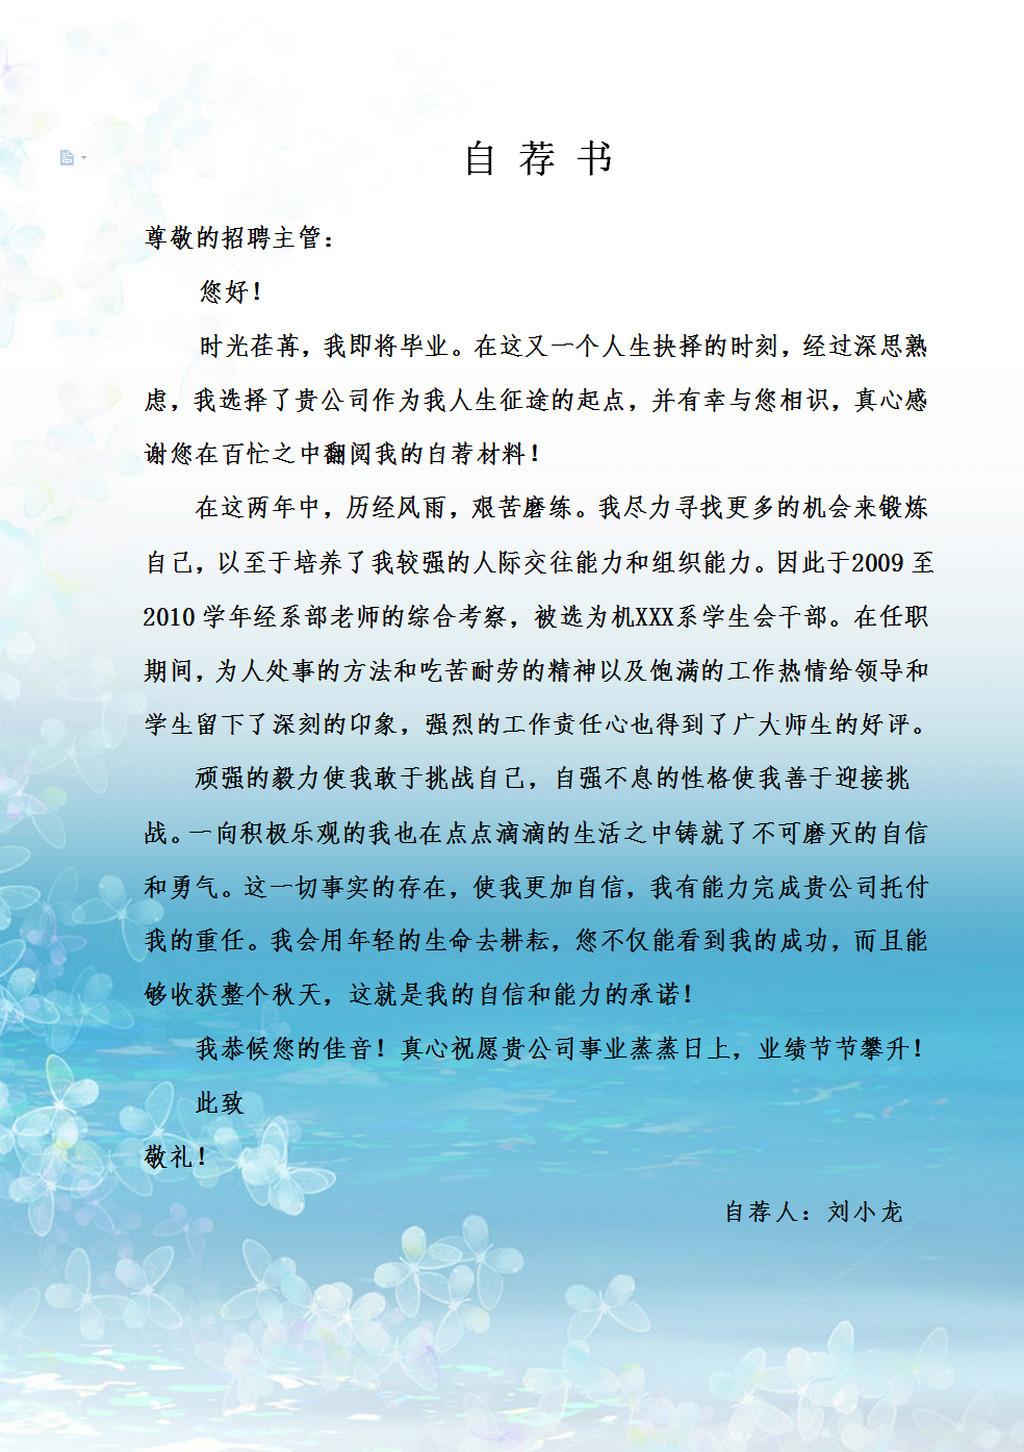 大学生自荐书求职信范文图片